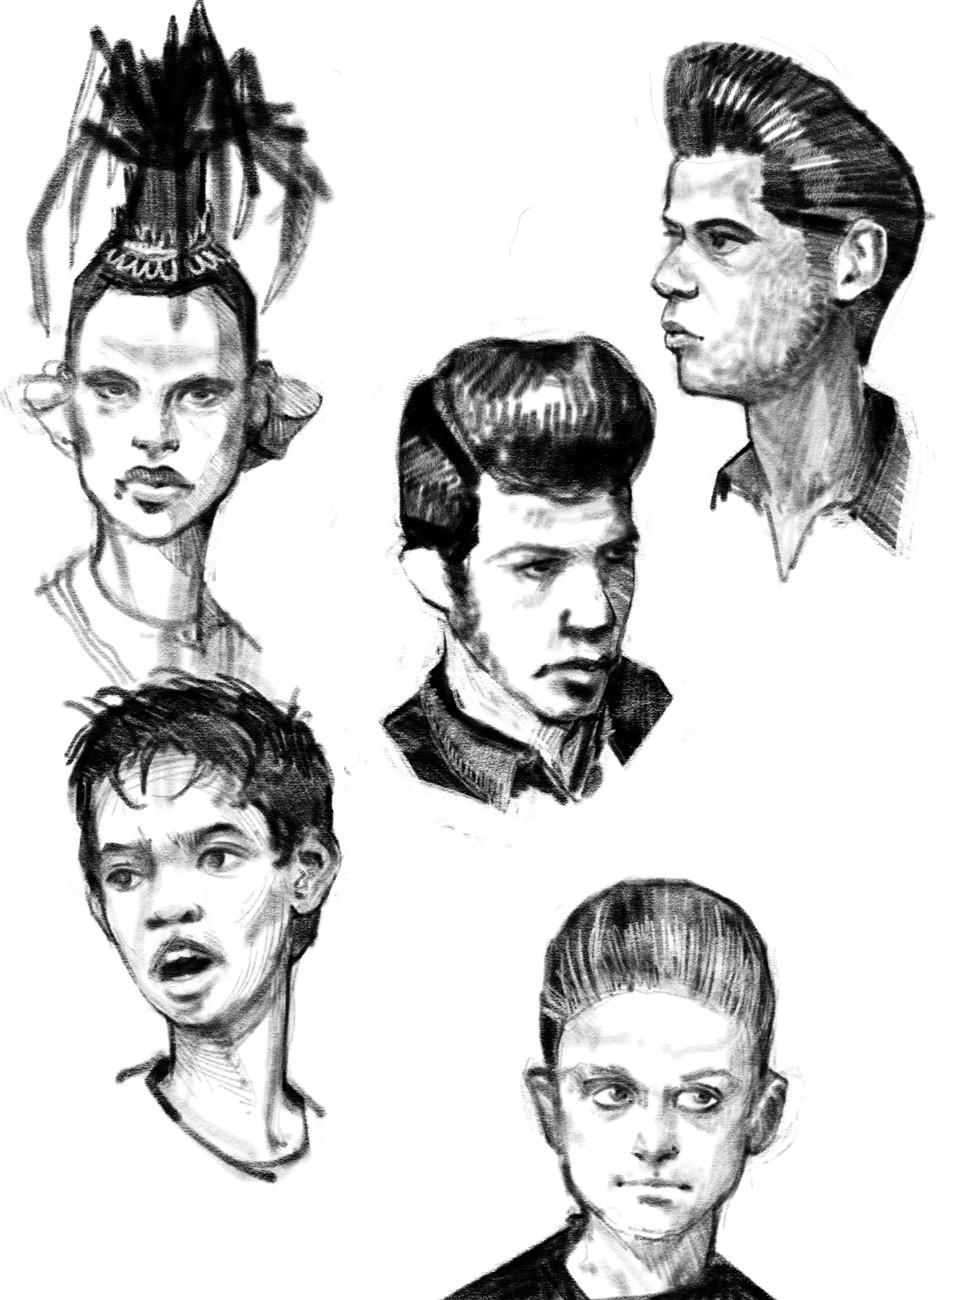 Reiko gross sketches i